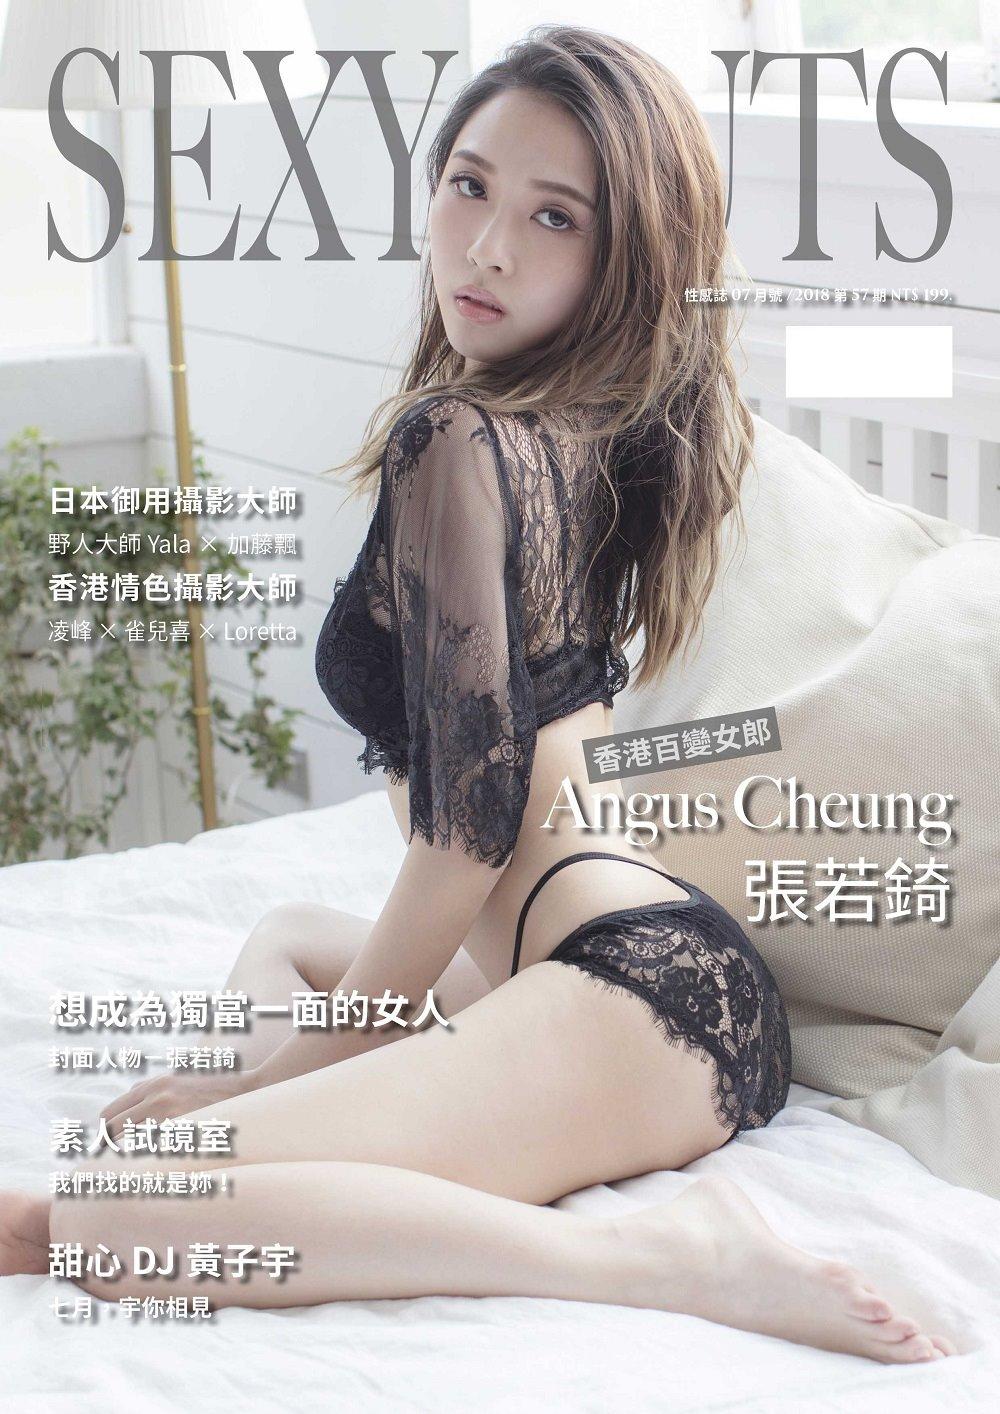 SEXY NUTS性感誌 7月號/2018第57期